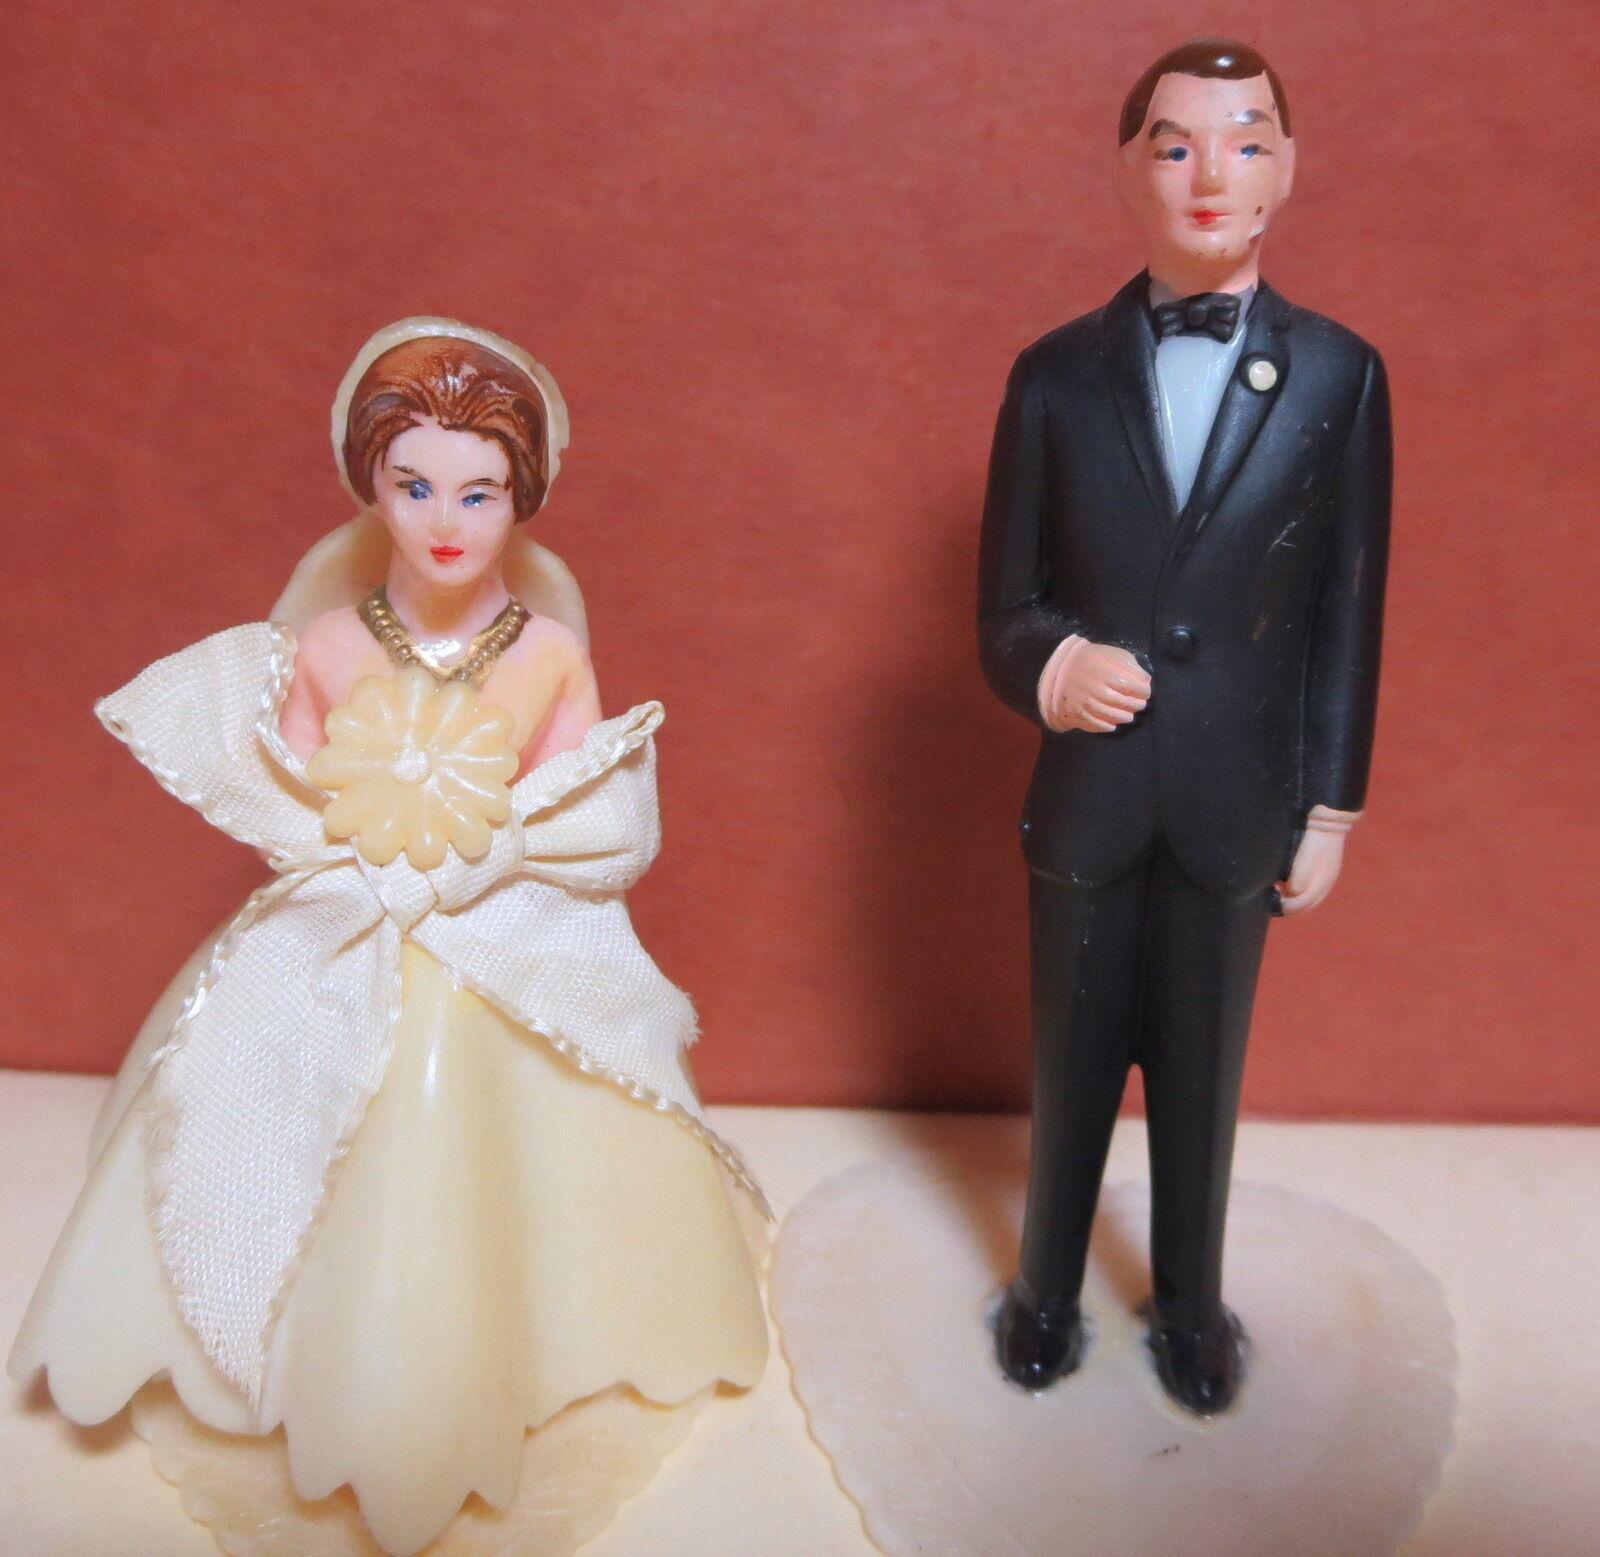 Hong Kong Vintage Bride and Groom